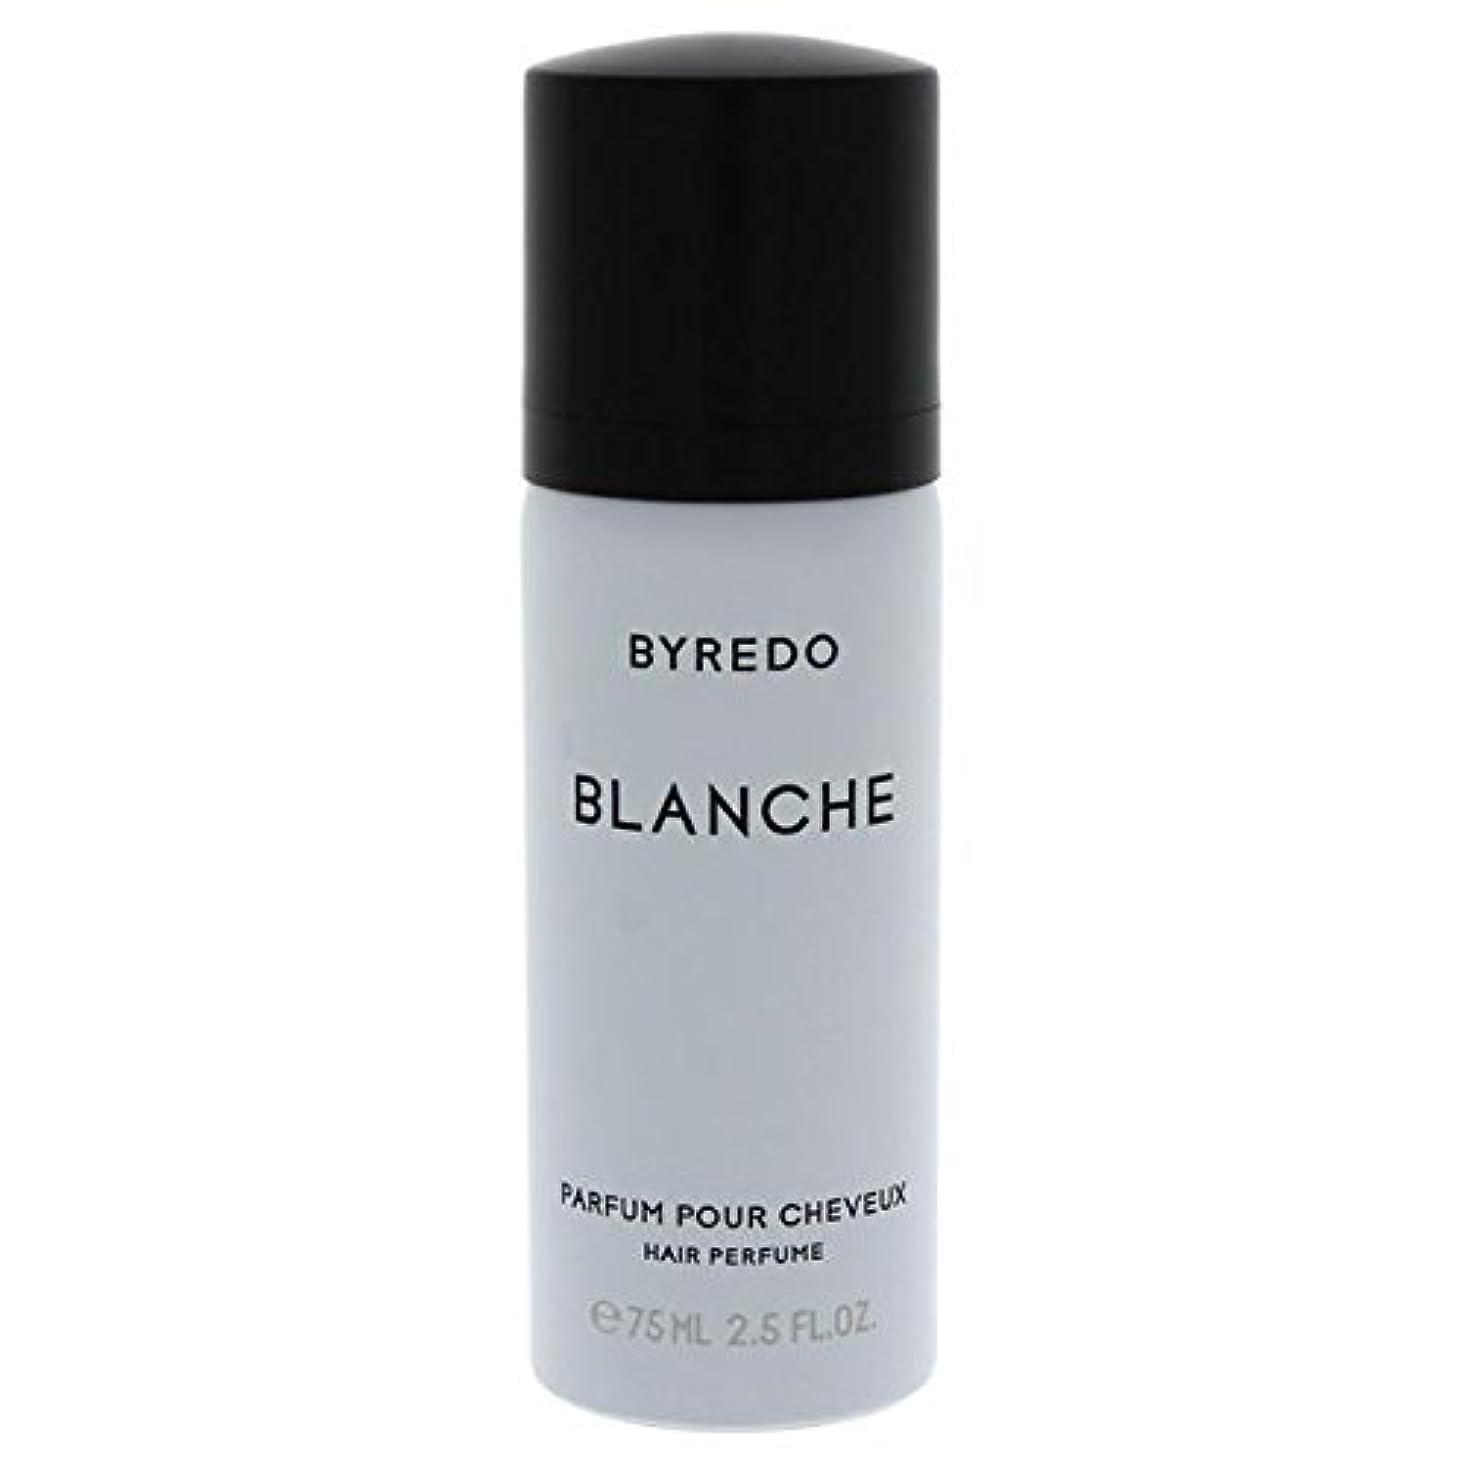 蚊貪欲乏しいバレード ブランシュ ヘアパフューム 75ml BYREDO BLANCHE HAIR PERFUME